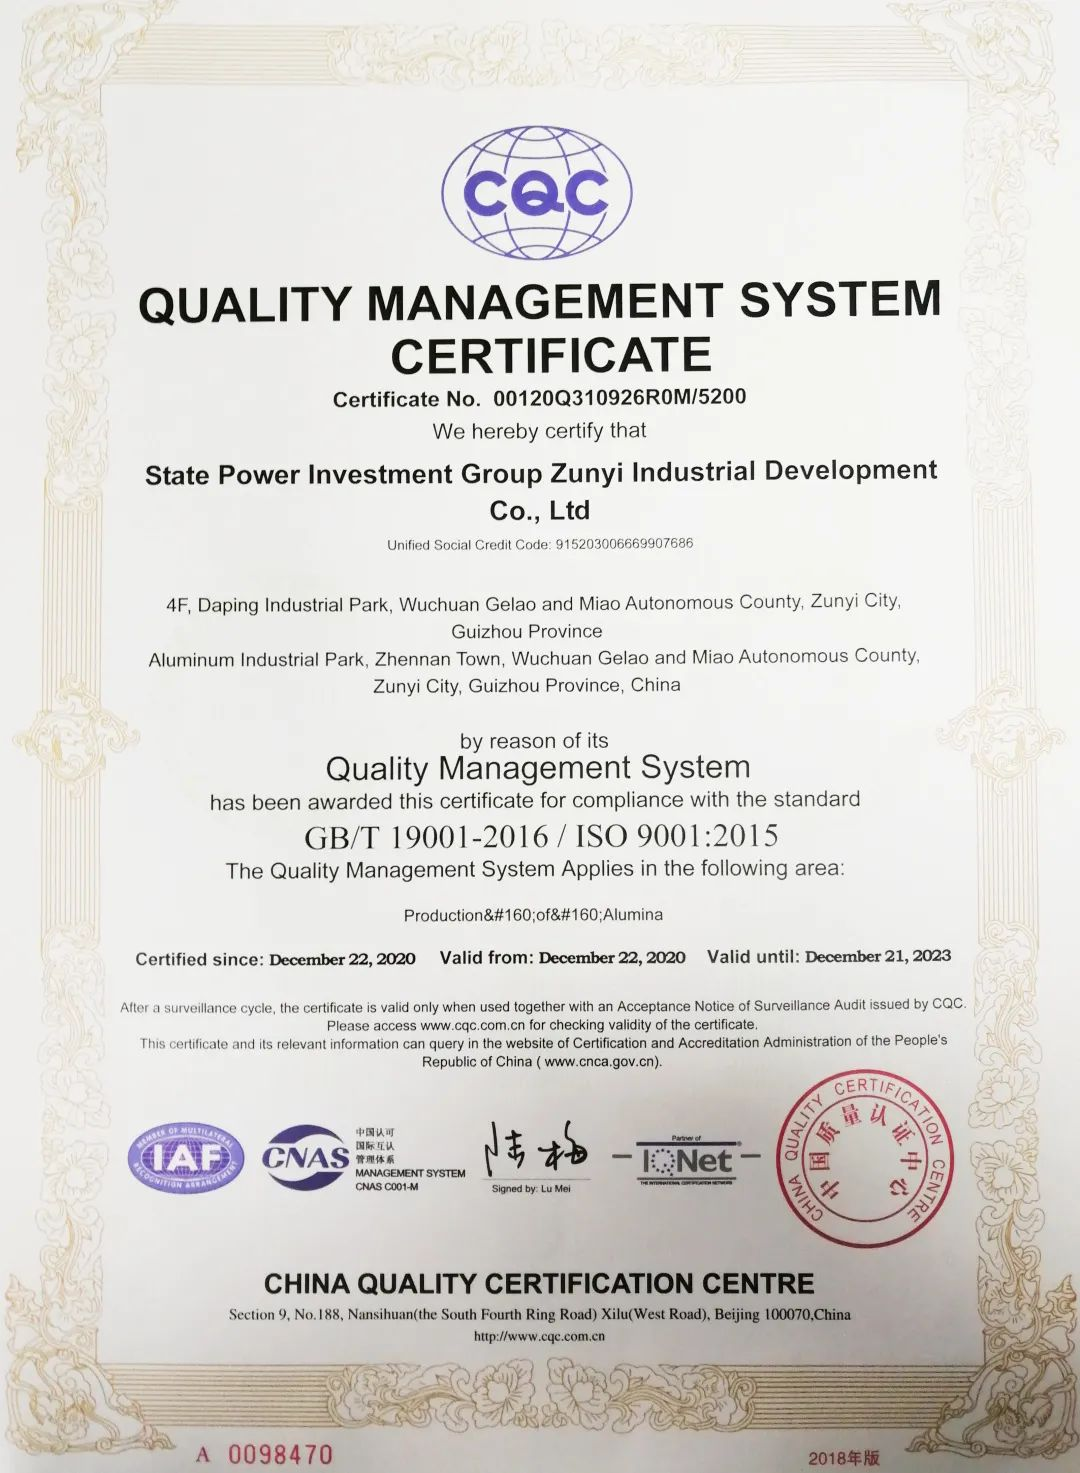 國家電投遵義公司正式取得質量管理體系證書